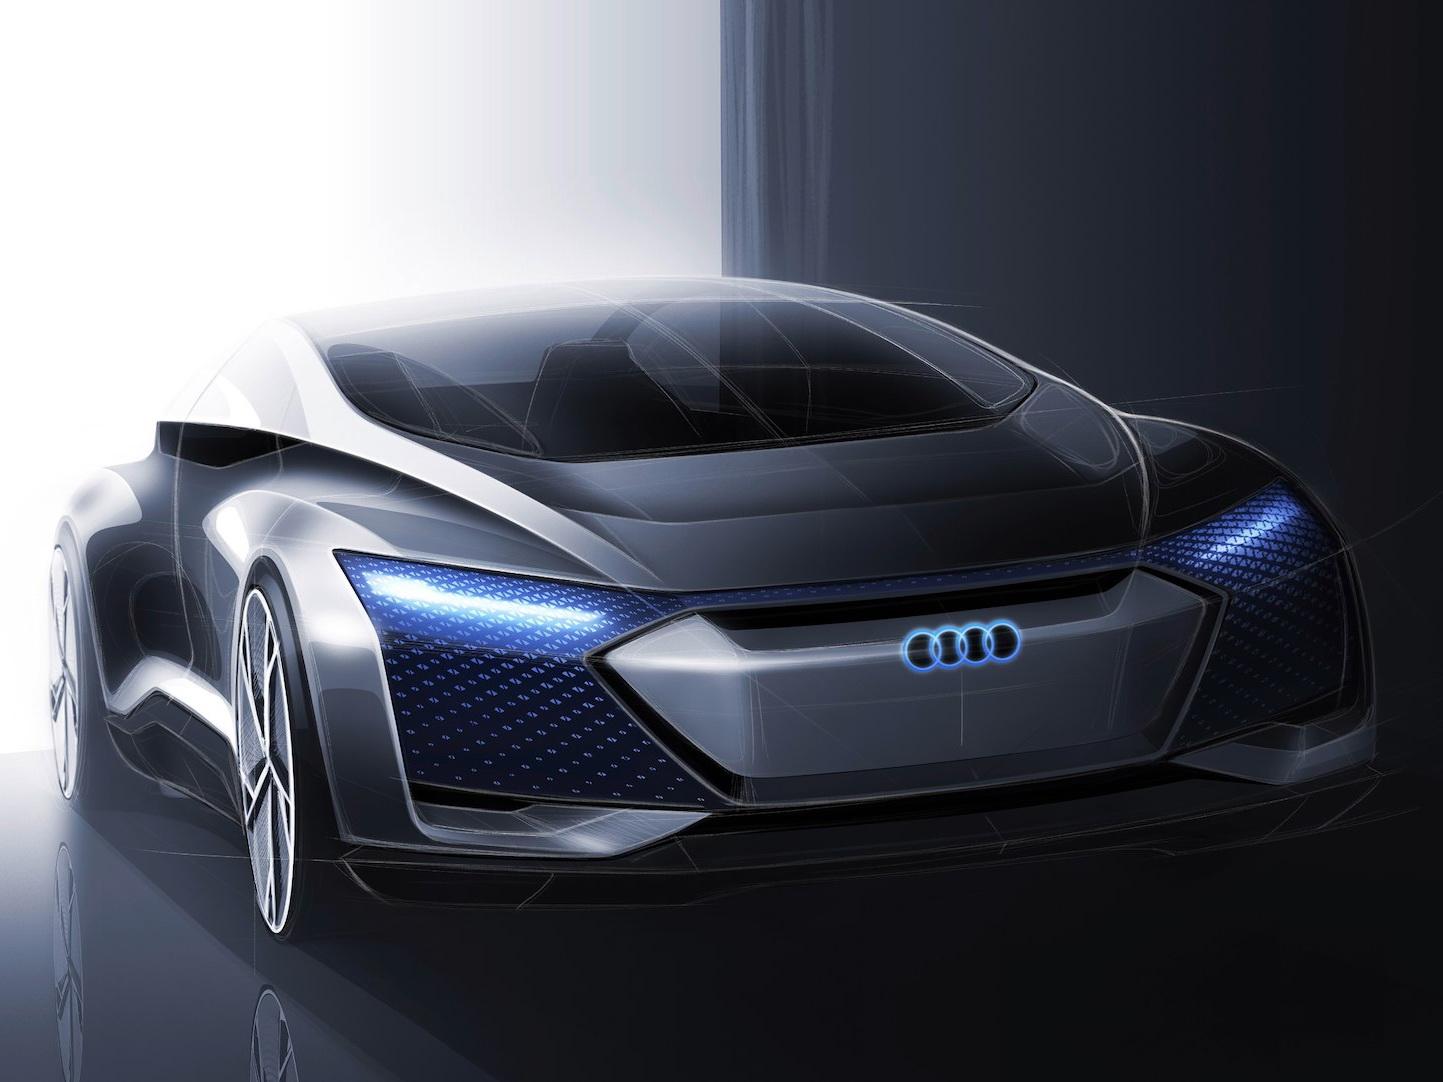 Audi San Francisco >> Audi: Absatz von 800.000 Elektroautos im Jahr 2025 - Notebookcheck.com News